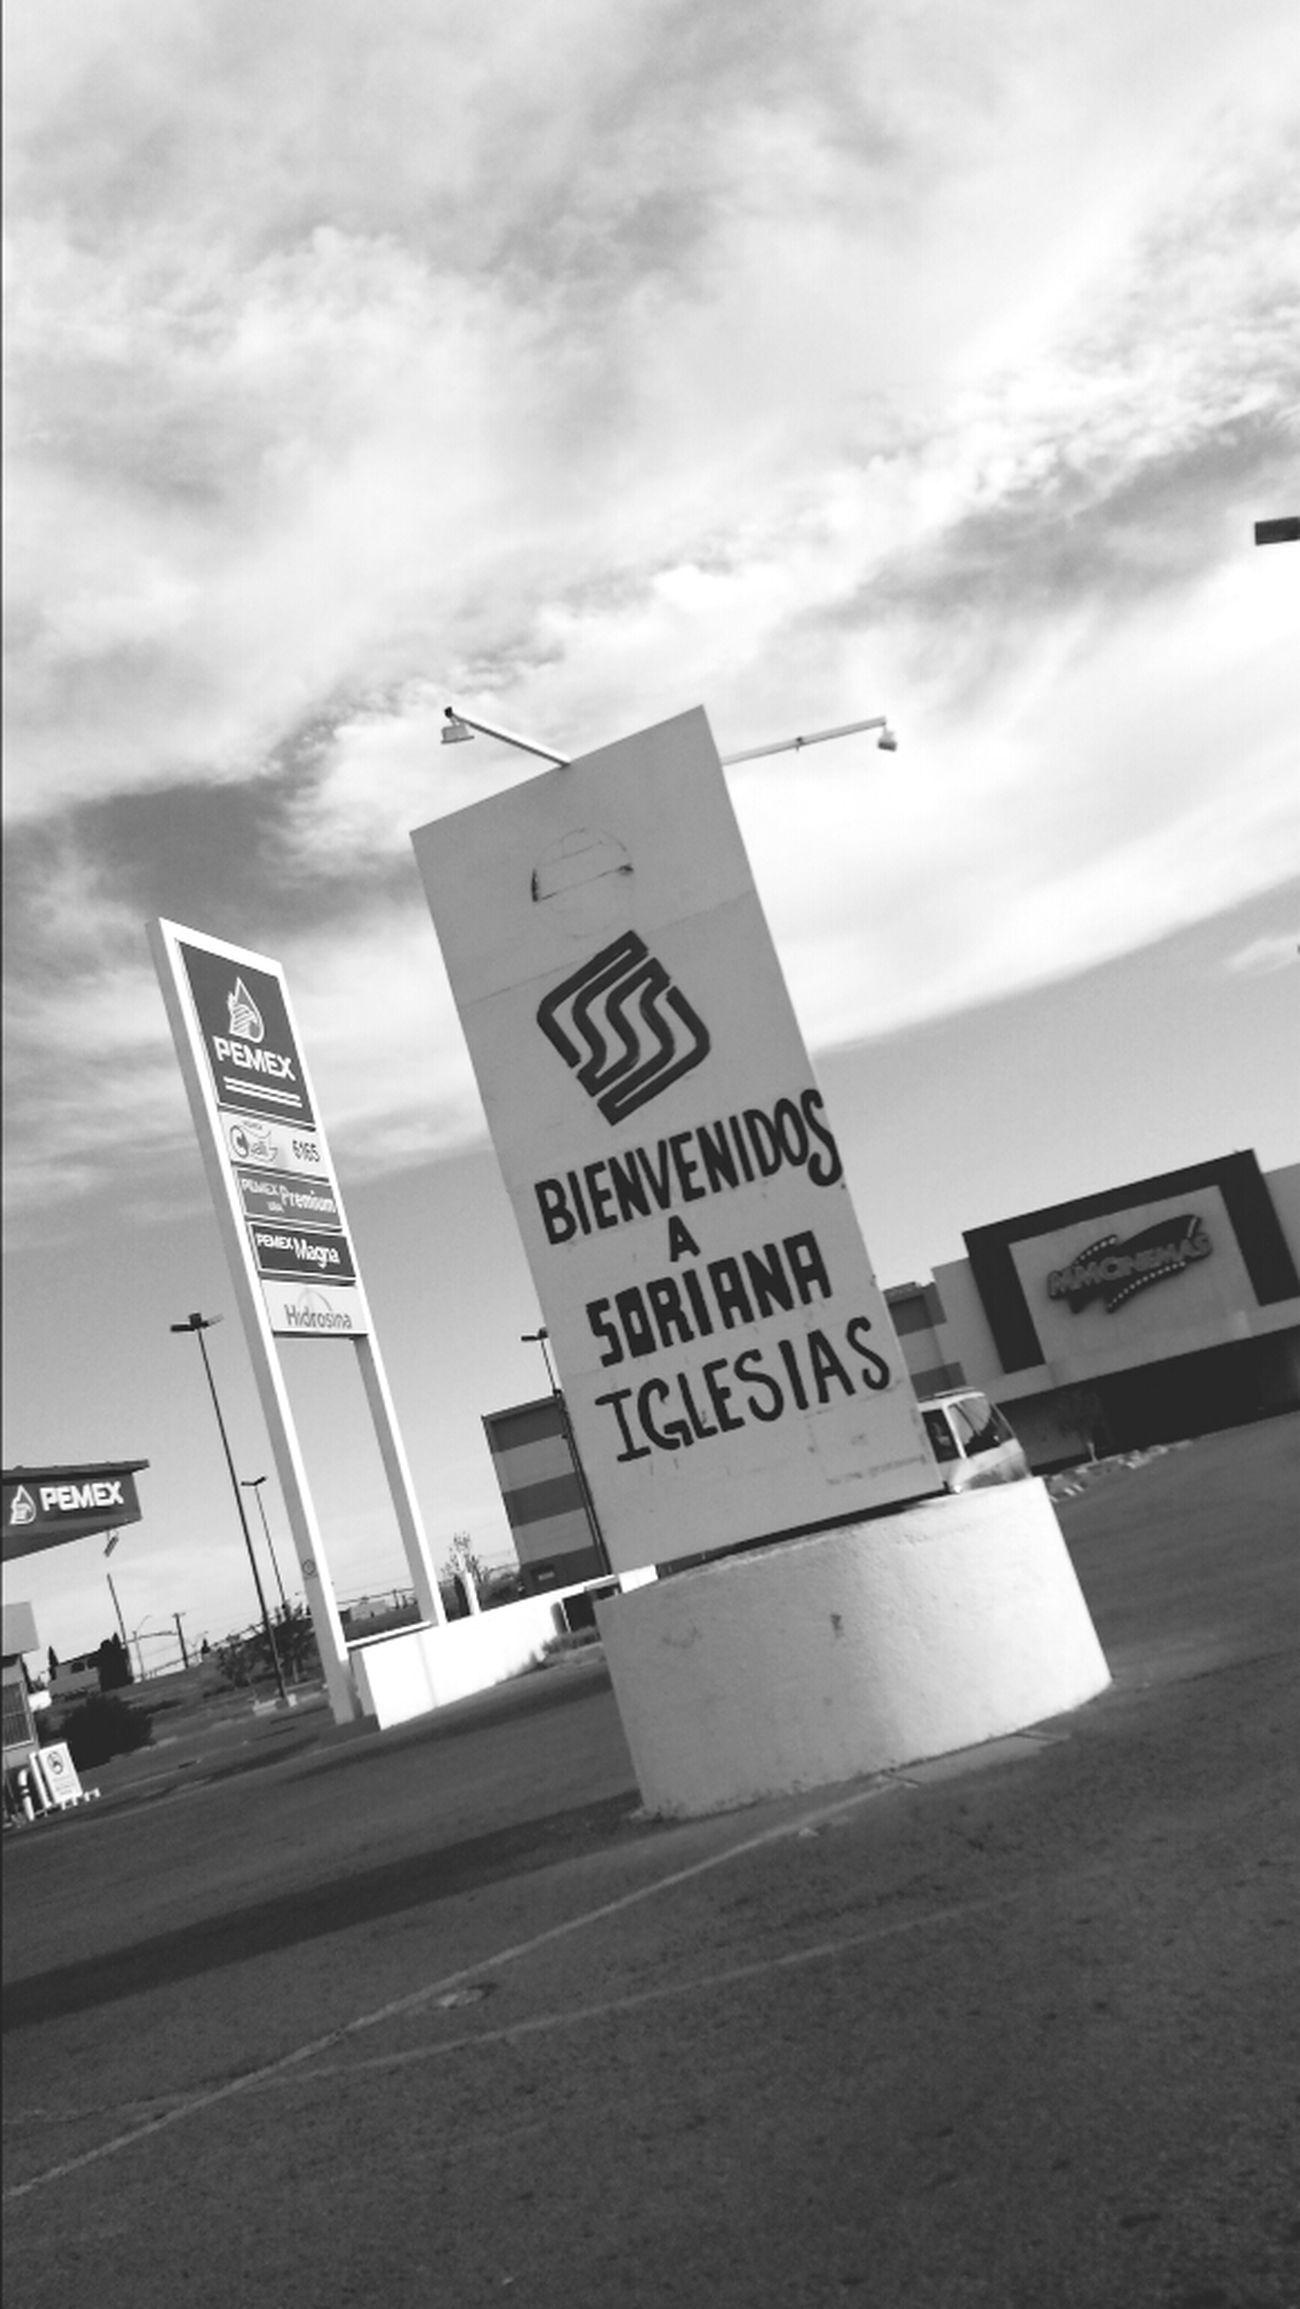 Bienvenidos, Welcome